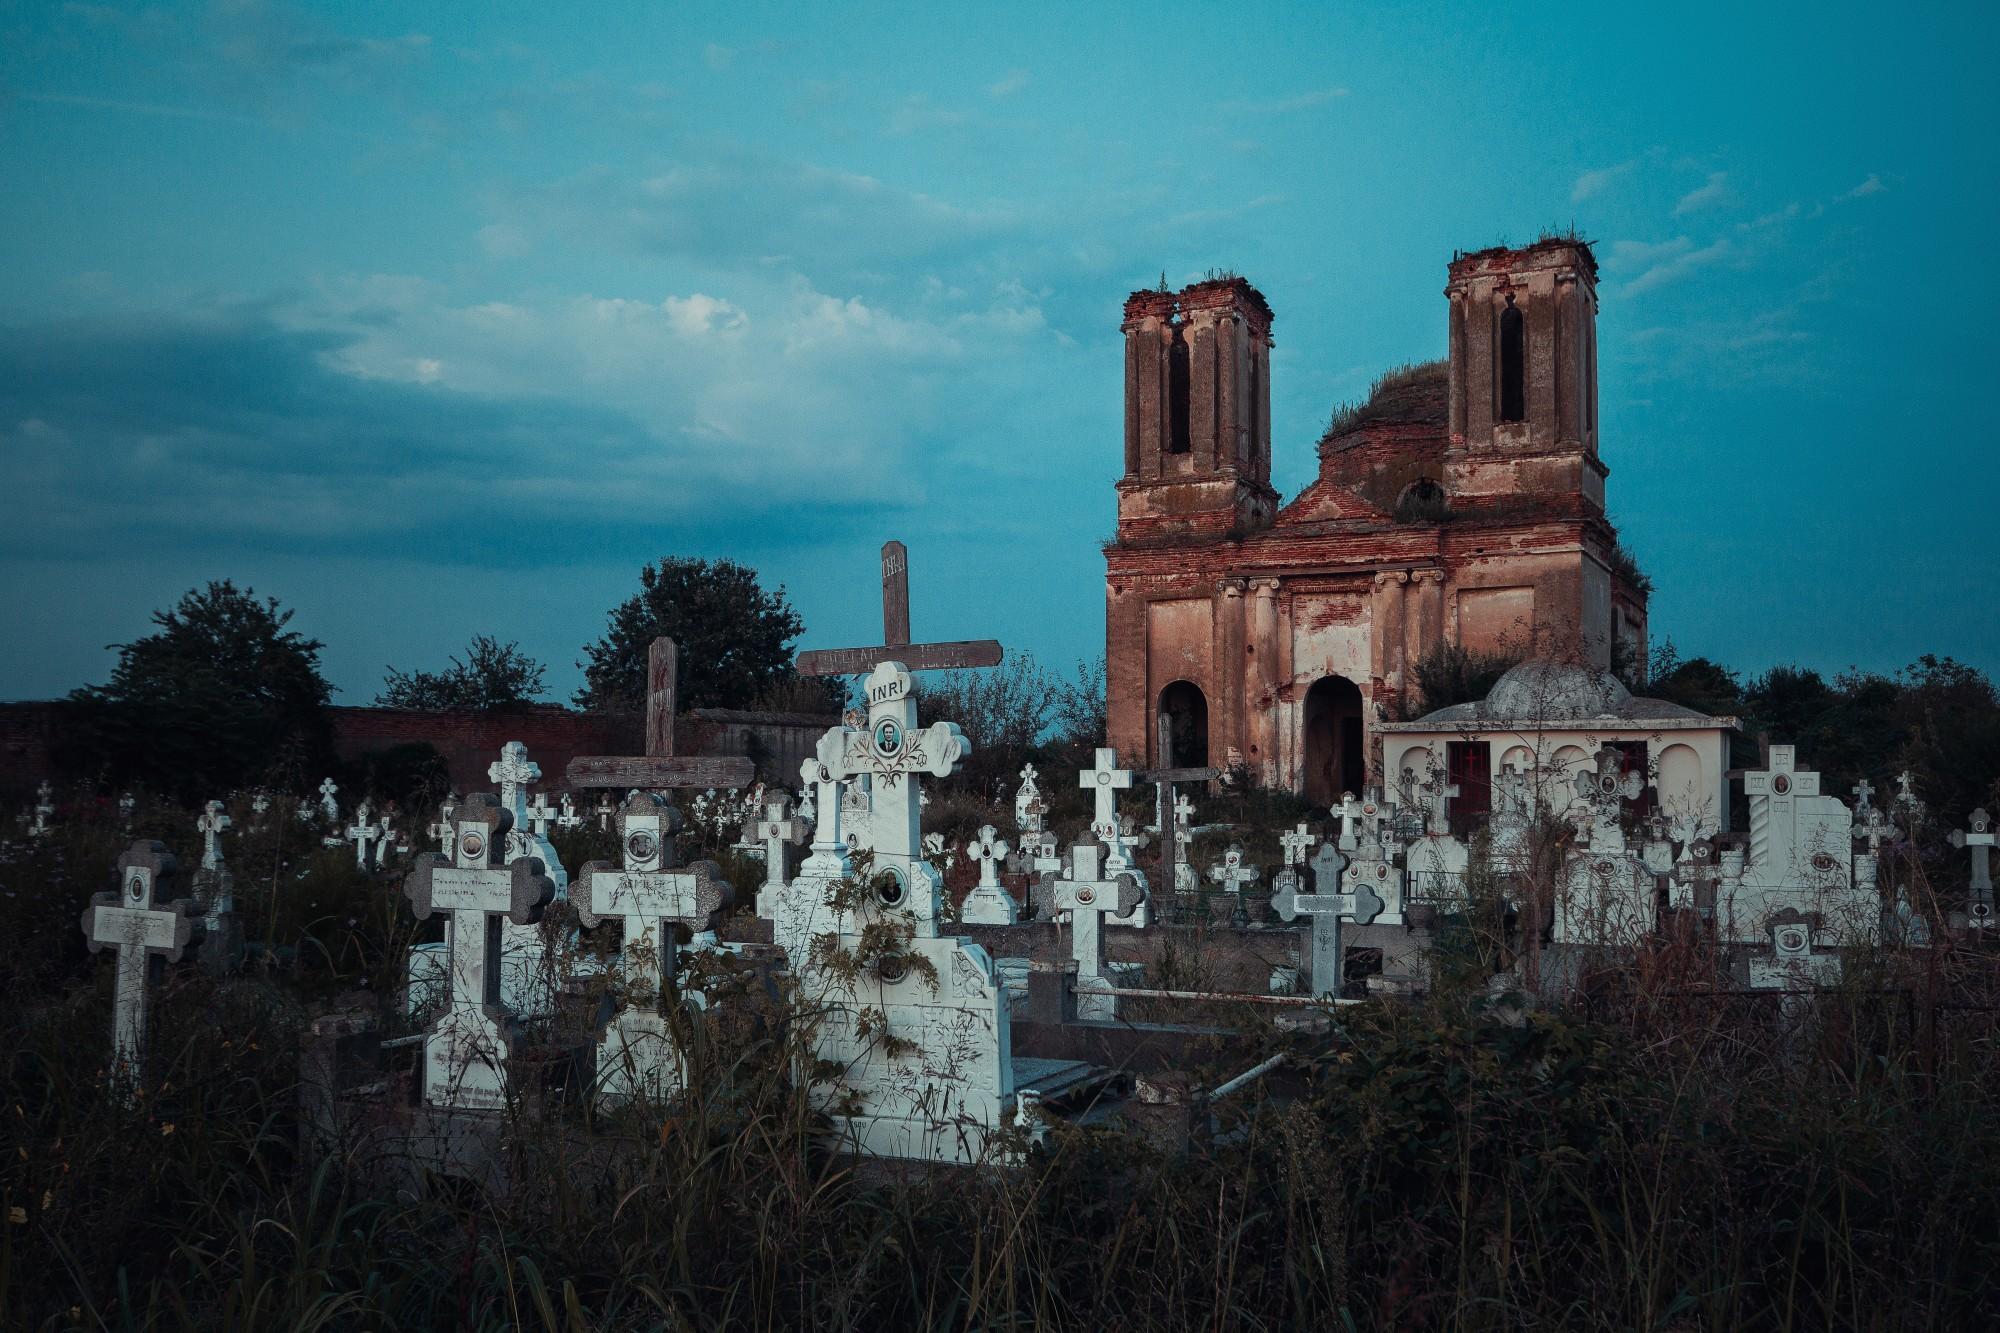 Fotografie einer bemoosten Kirchen-Ruine, die hinter weißen Grabsteinen steht.